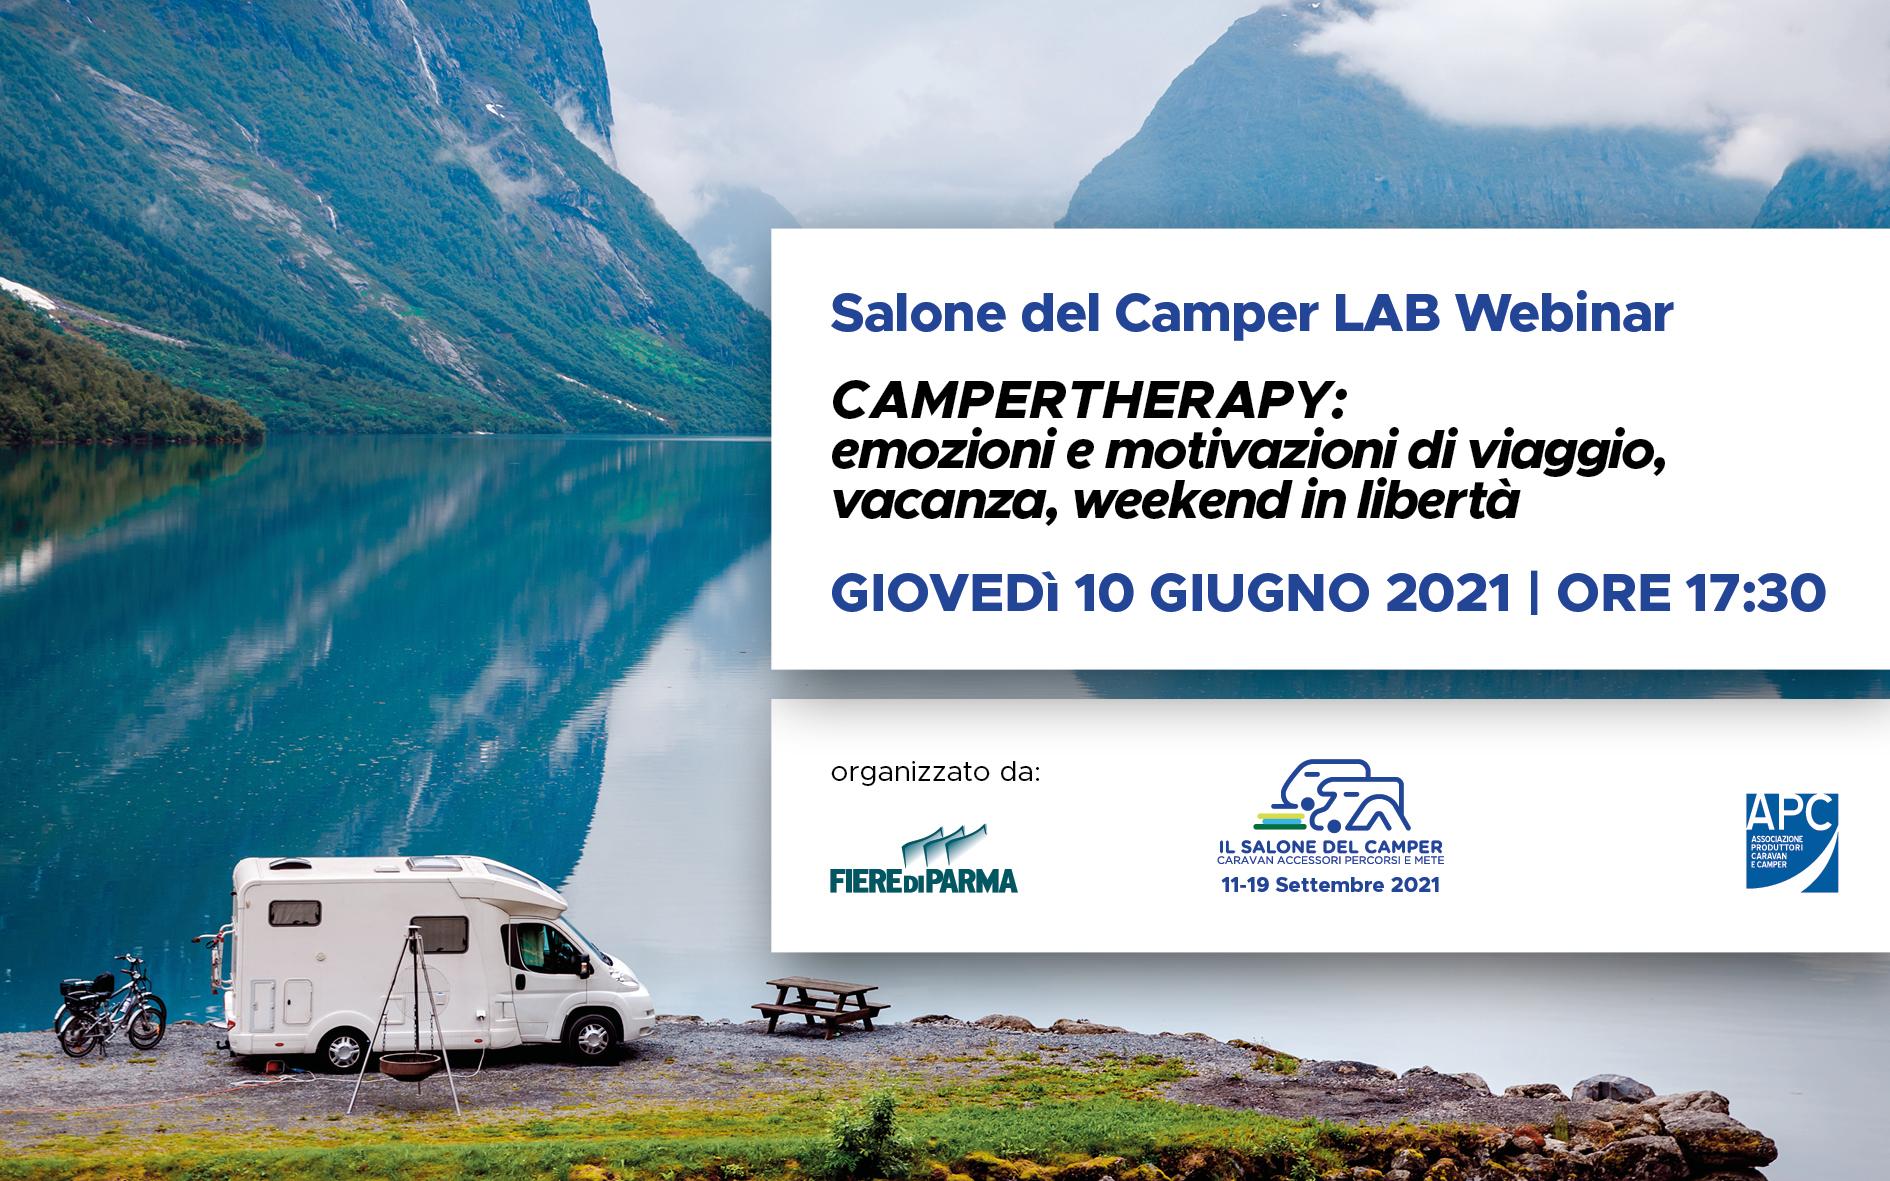 """Fiere di Parma. Giovedì 10 giugno 2021 ore 17.30 Salone del Camper LAB Webinar, """"Campertherapy: emozioni e motivazioni di viaggio, vacanza, weekend in libertà"""""""